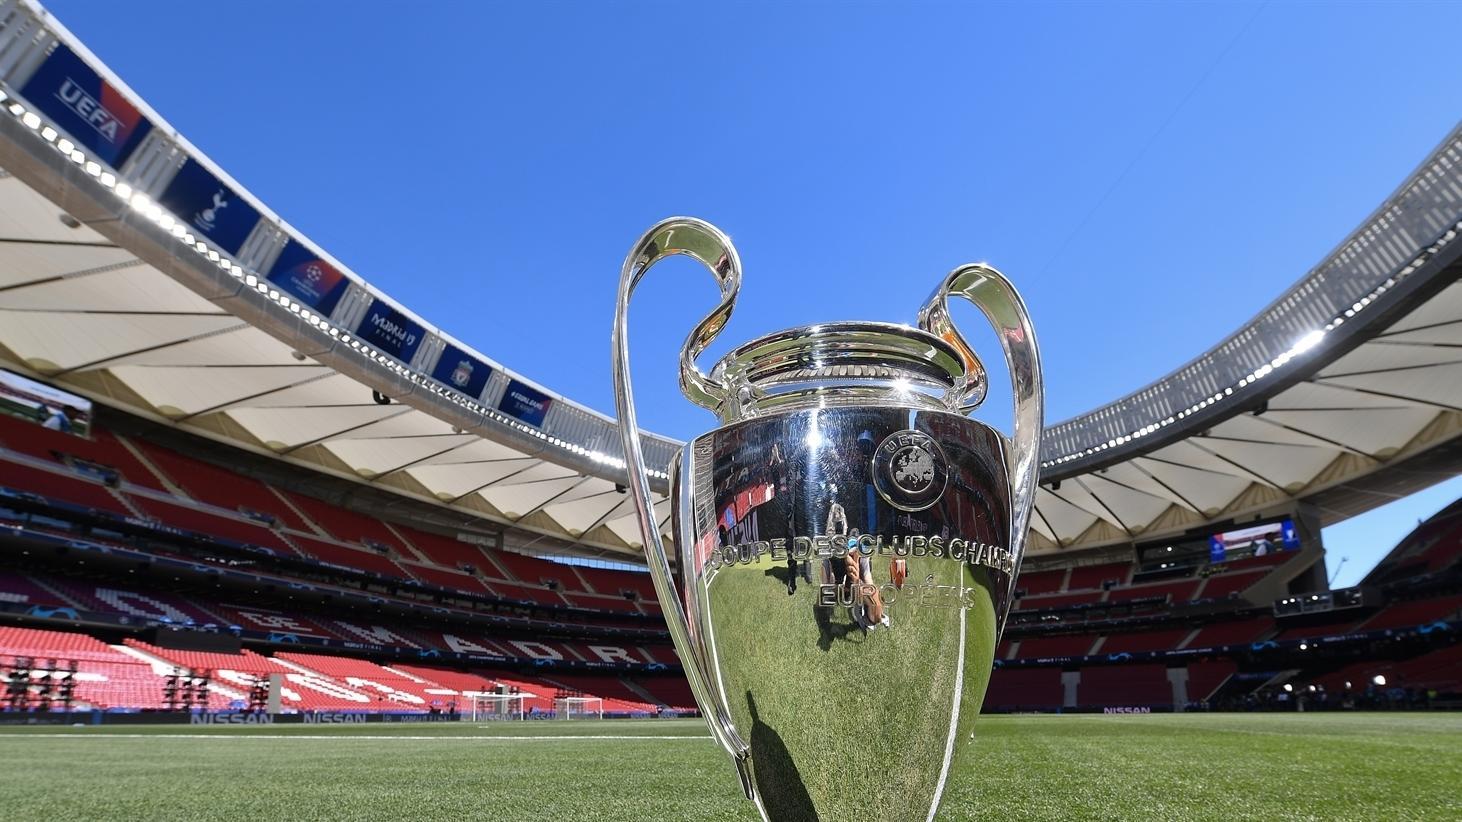 Завершающие матчи Лиги чемпионов 2020 года могут состояться в Германии,...